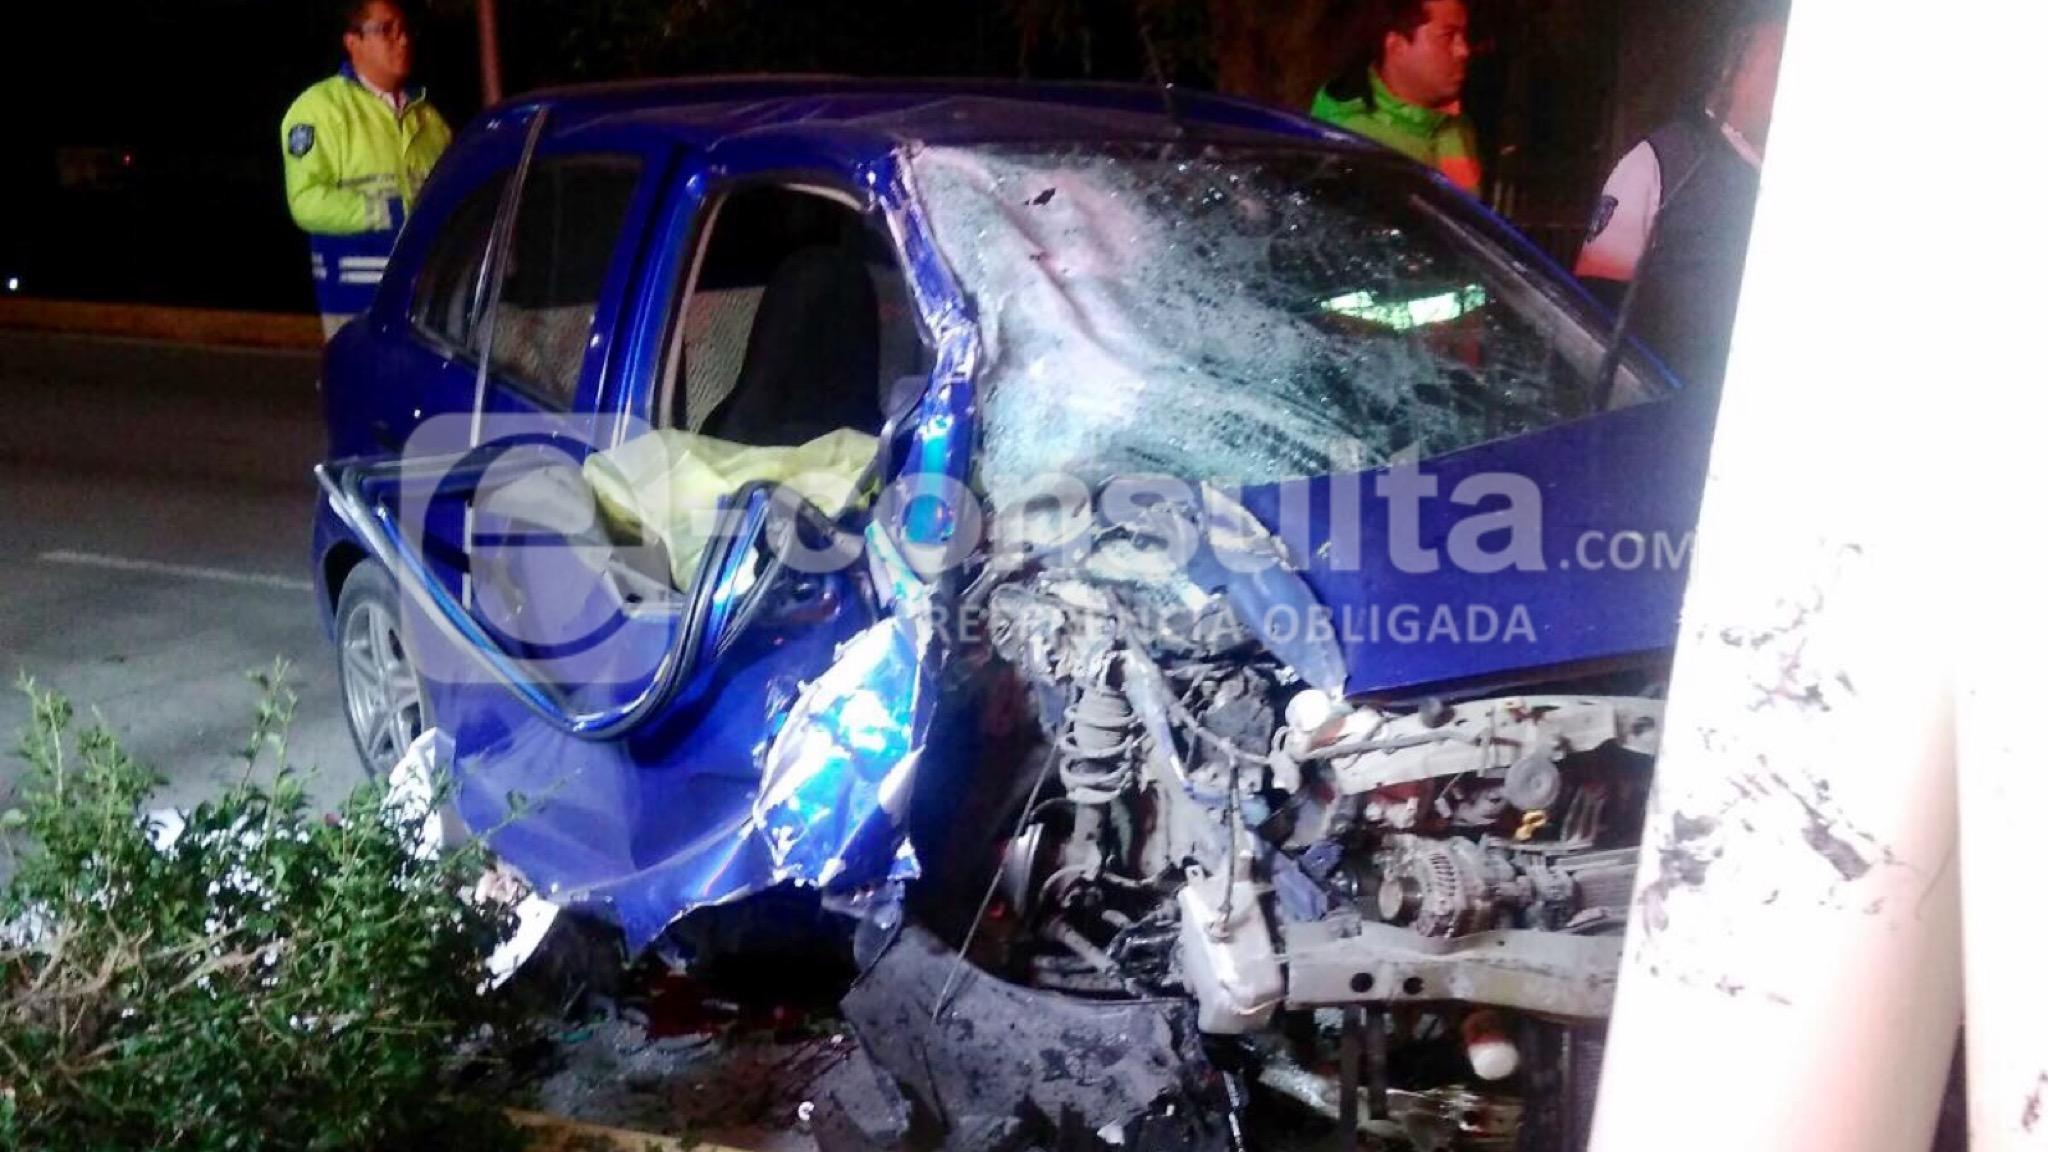 Mueren 2 personas al chocar contra ciclopista de bulevar Hermanos Serdán